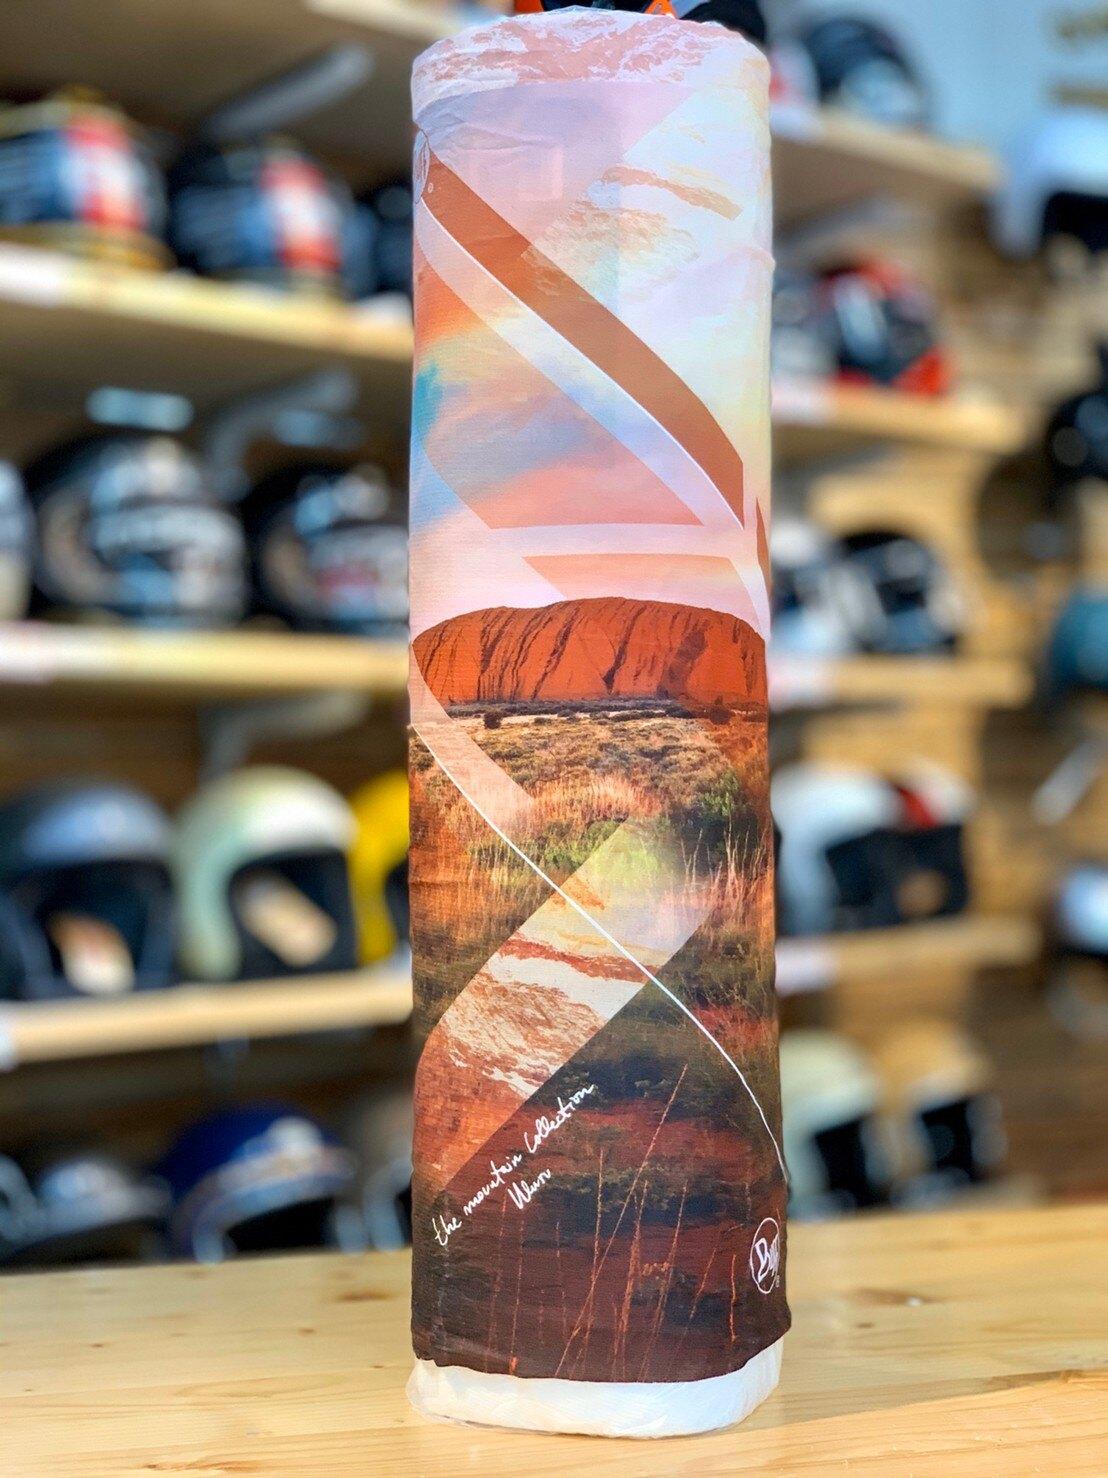 任我行騎士部品 西班牙 Buff 山岳系列-澳洲艾爾斯岩 coolnet 抗UV 頭巾 防曬 魔術頭巾